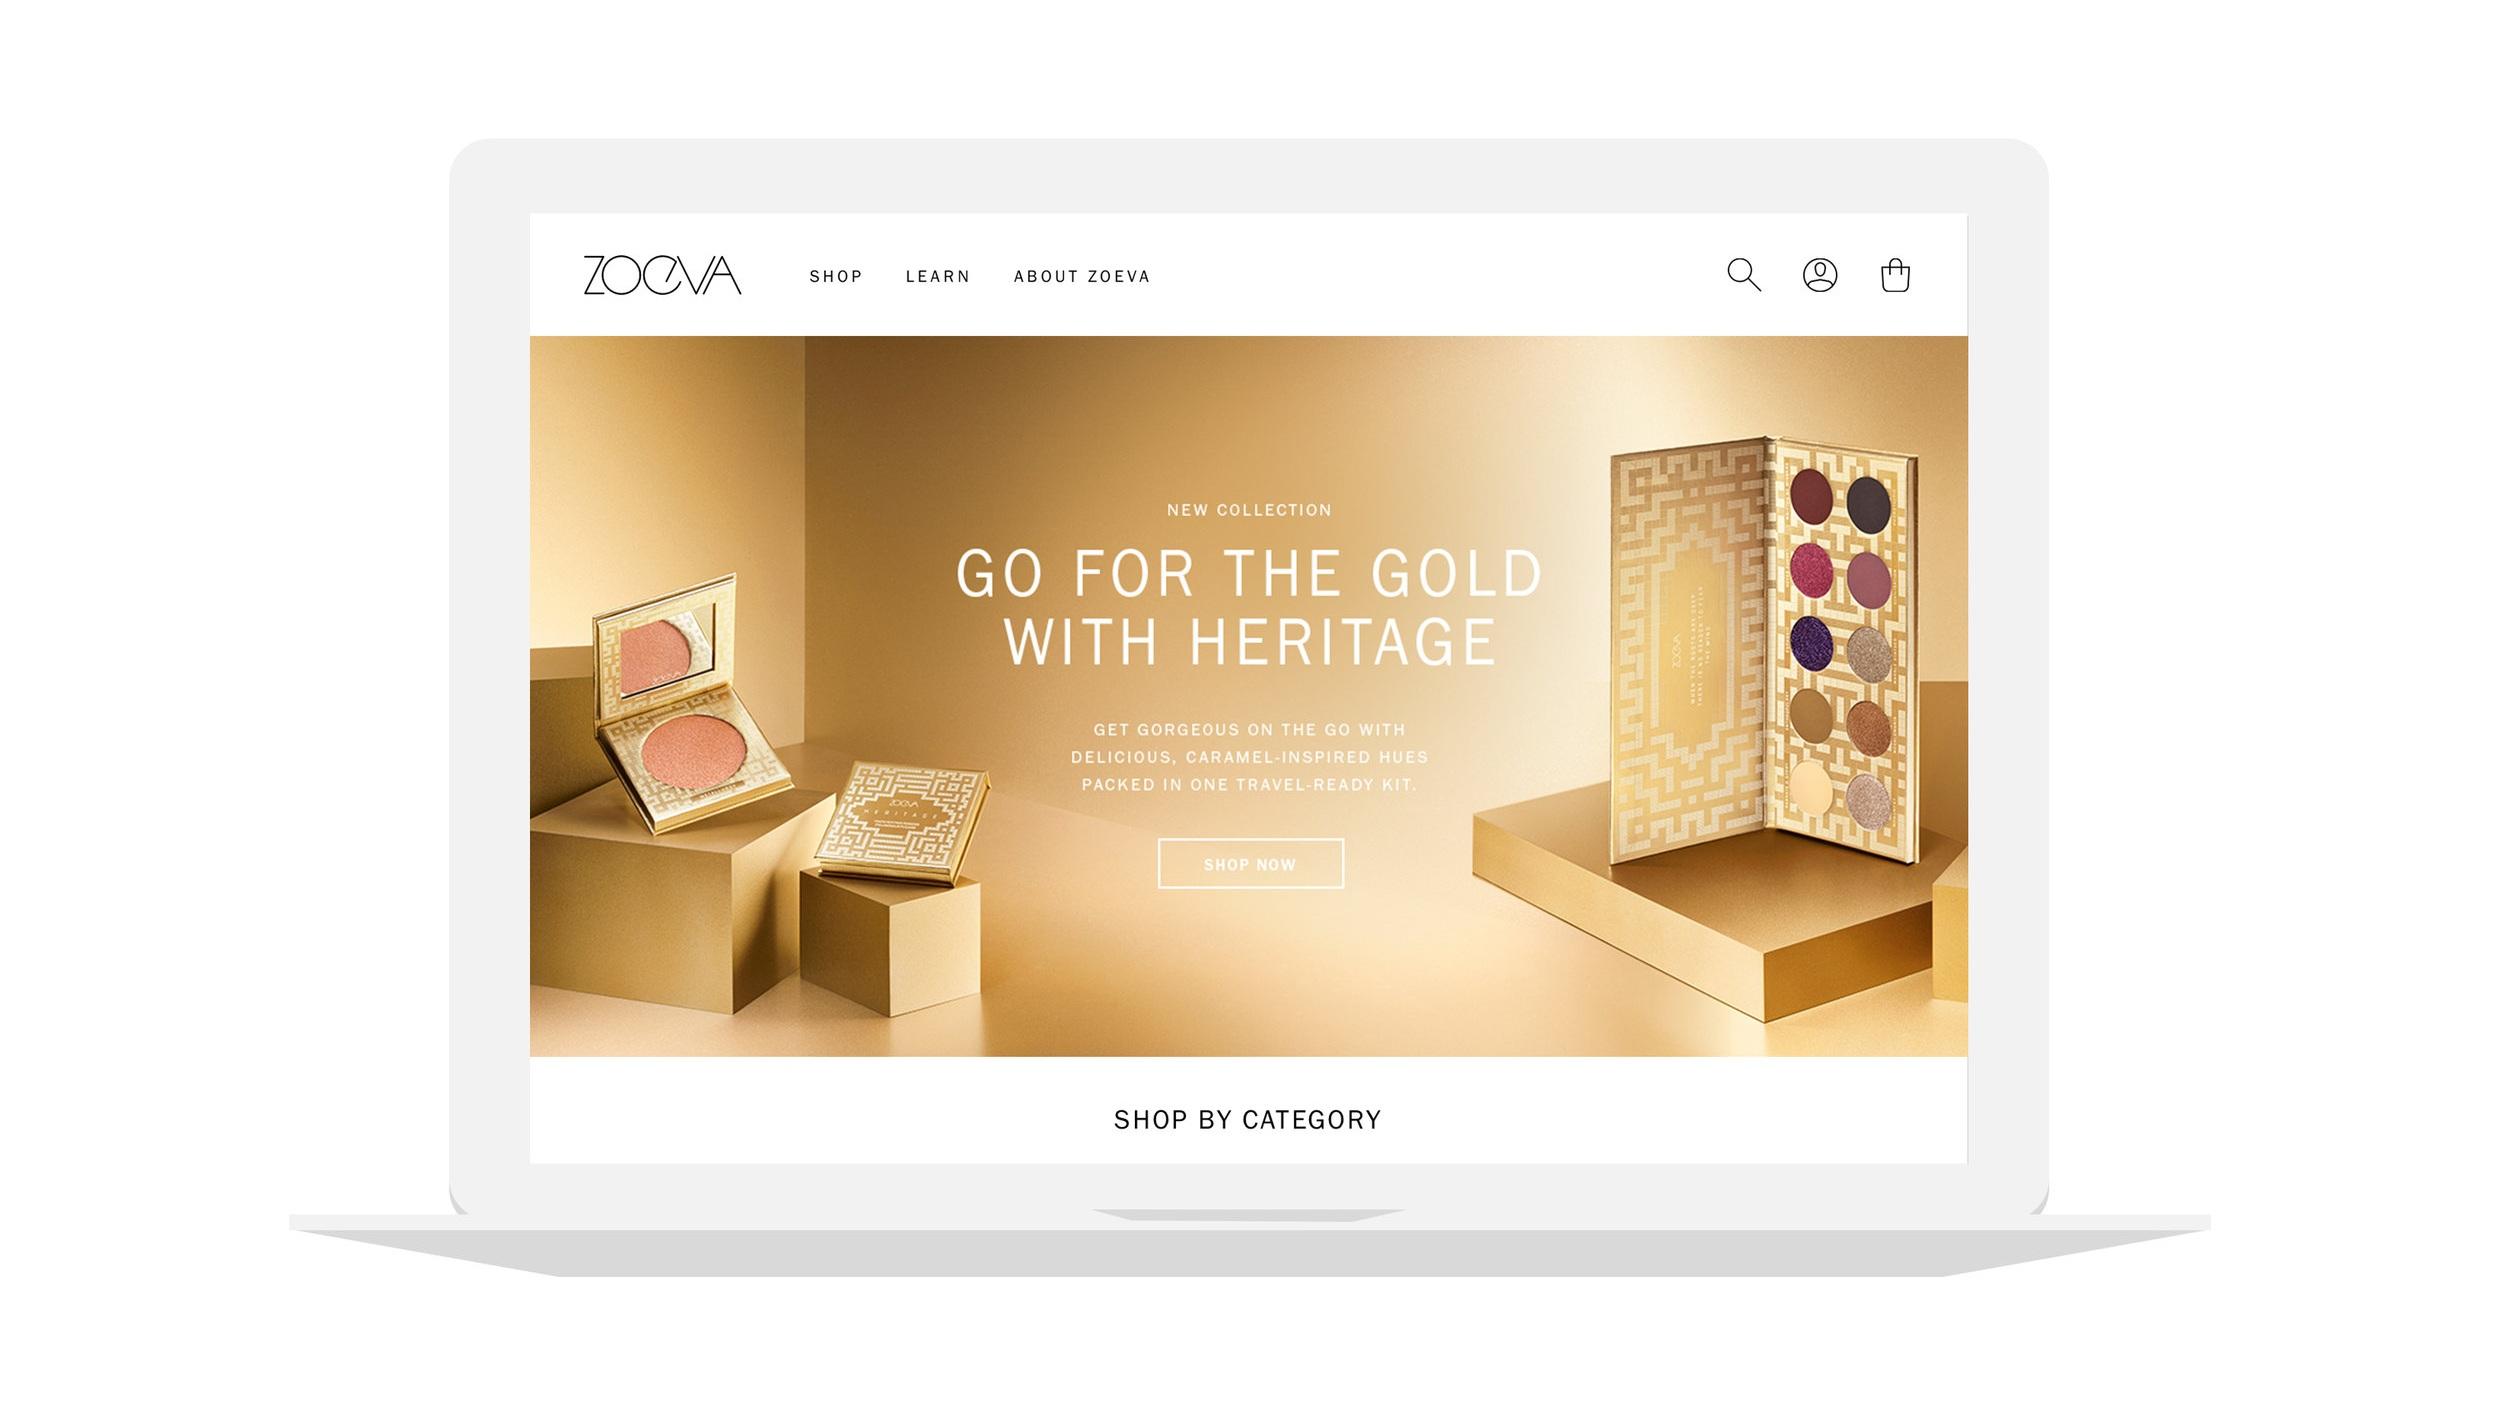 Zoeva-website-Heritage-desktop.jpg